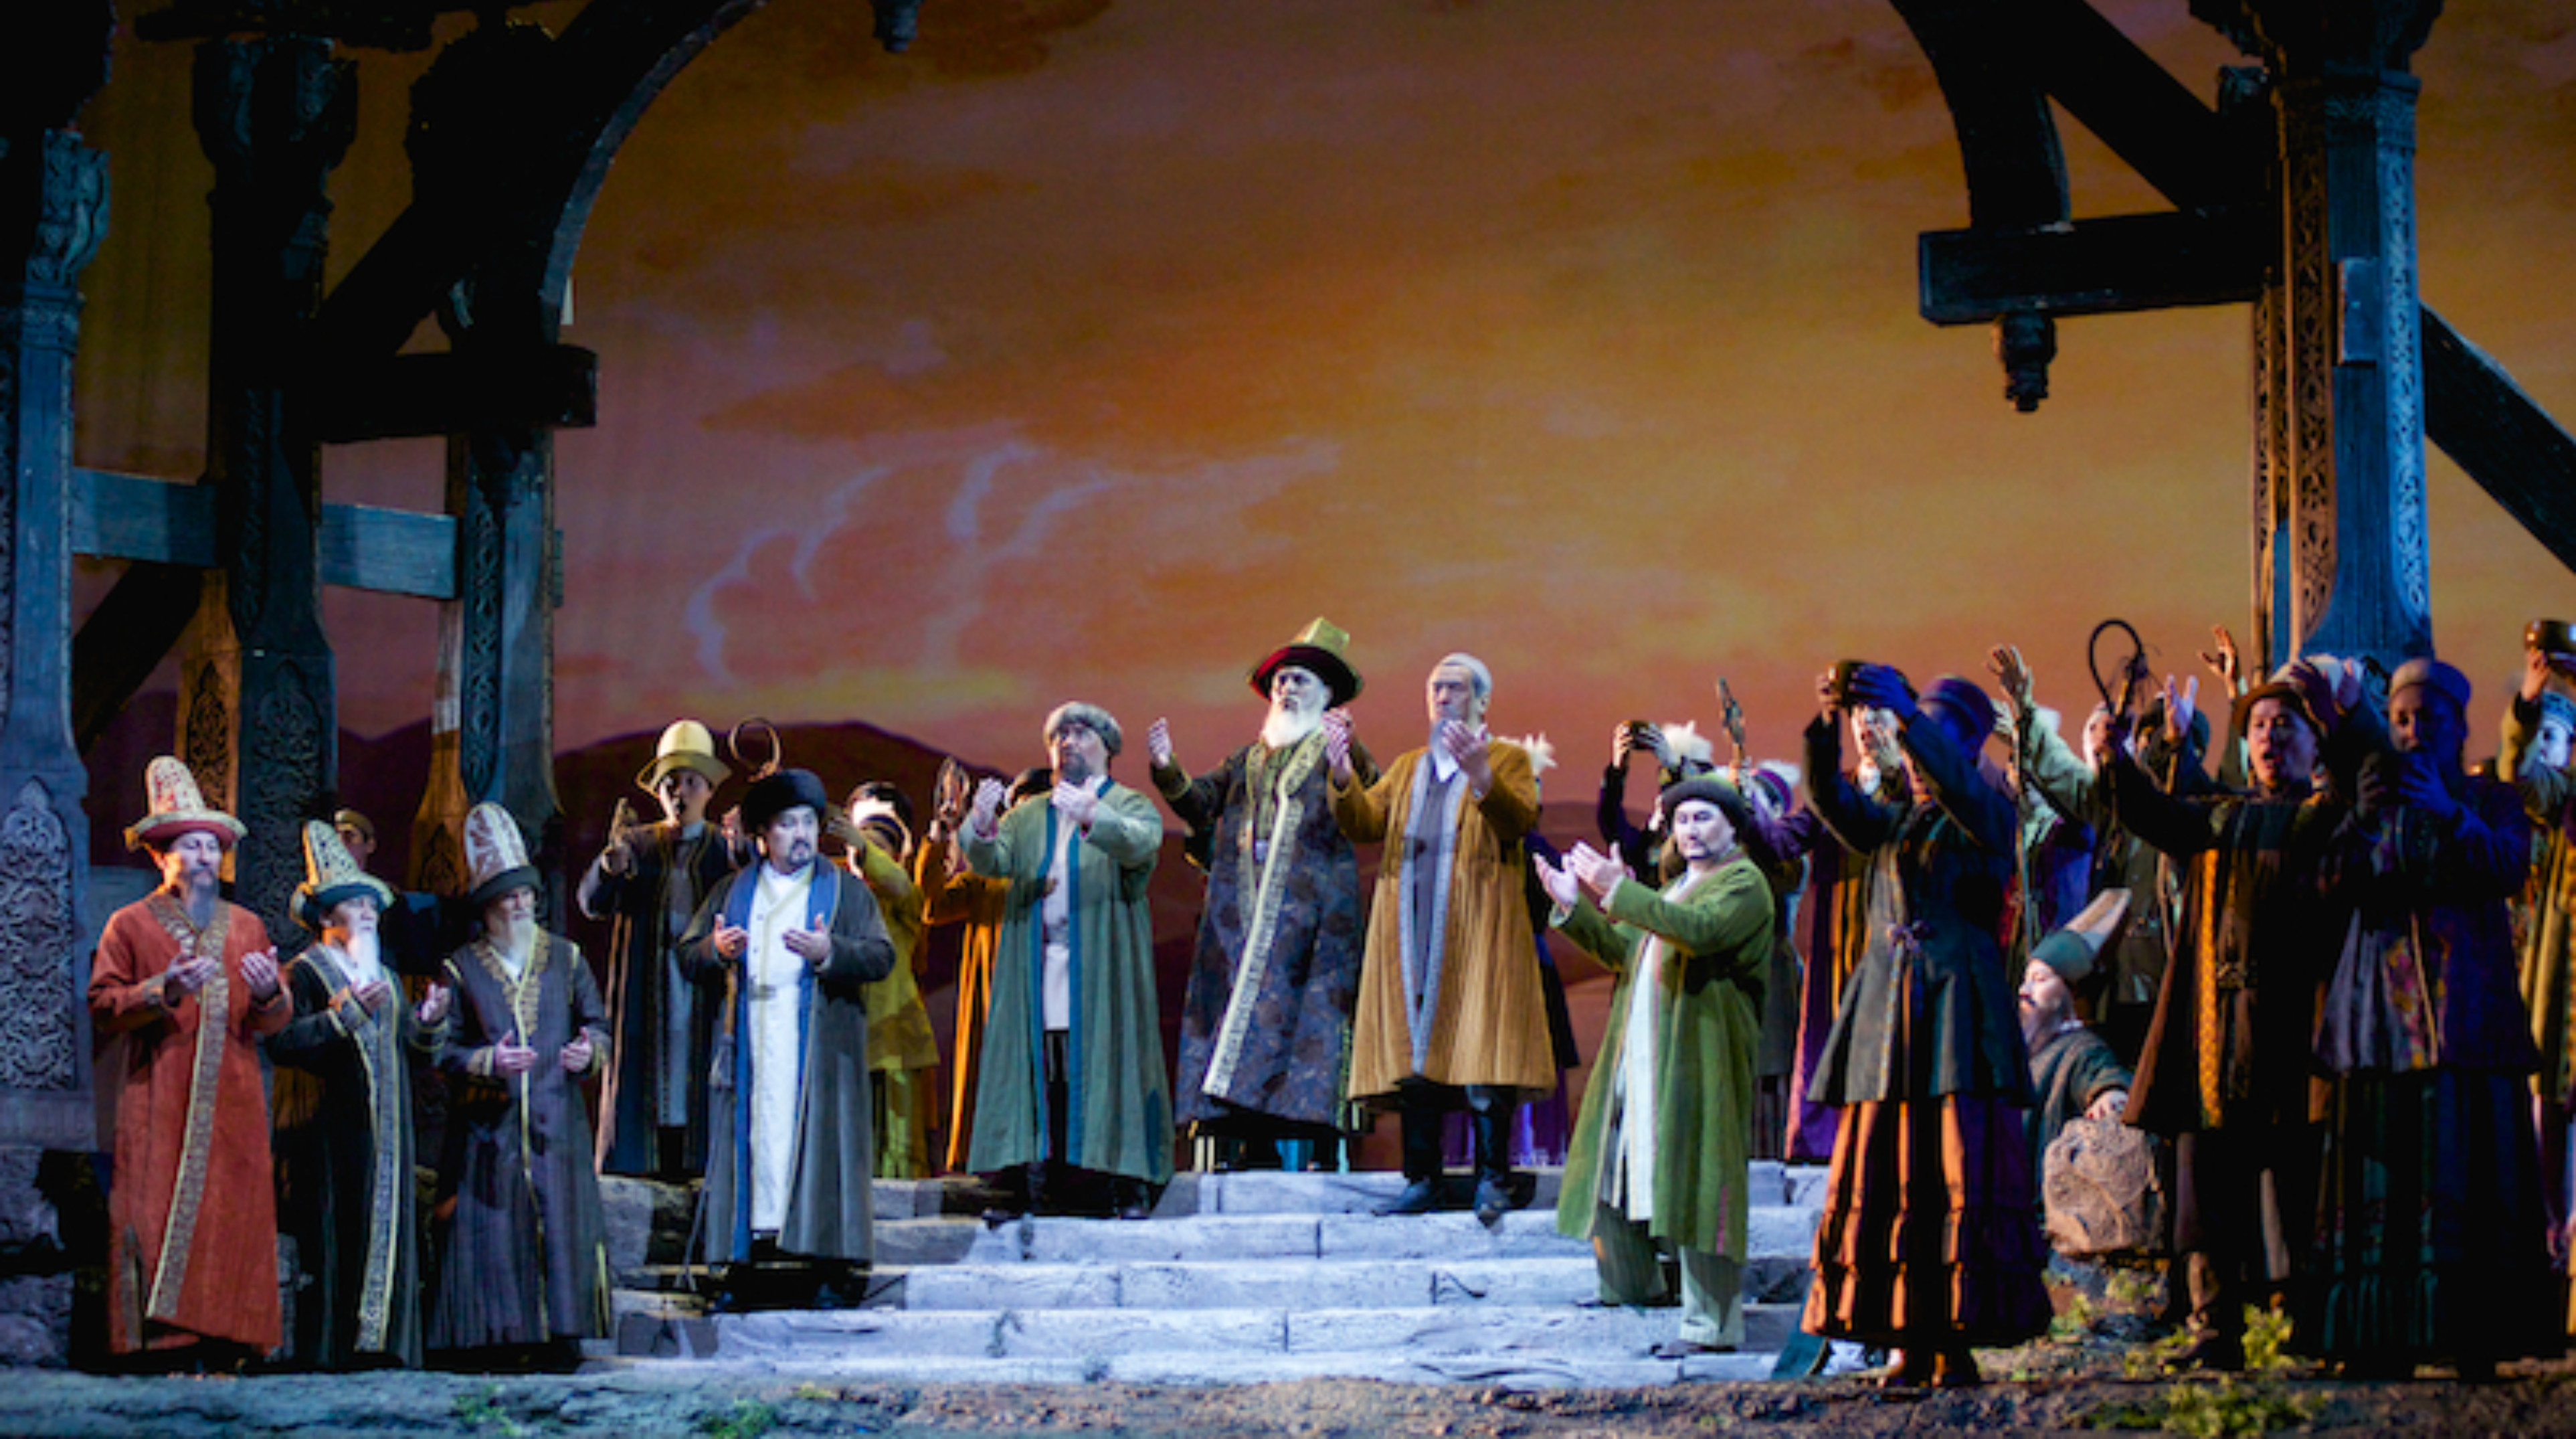 """""""阿拜歌剧中的人物""""展览将在首都努尔苏丹举行"""